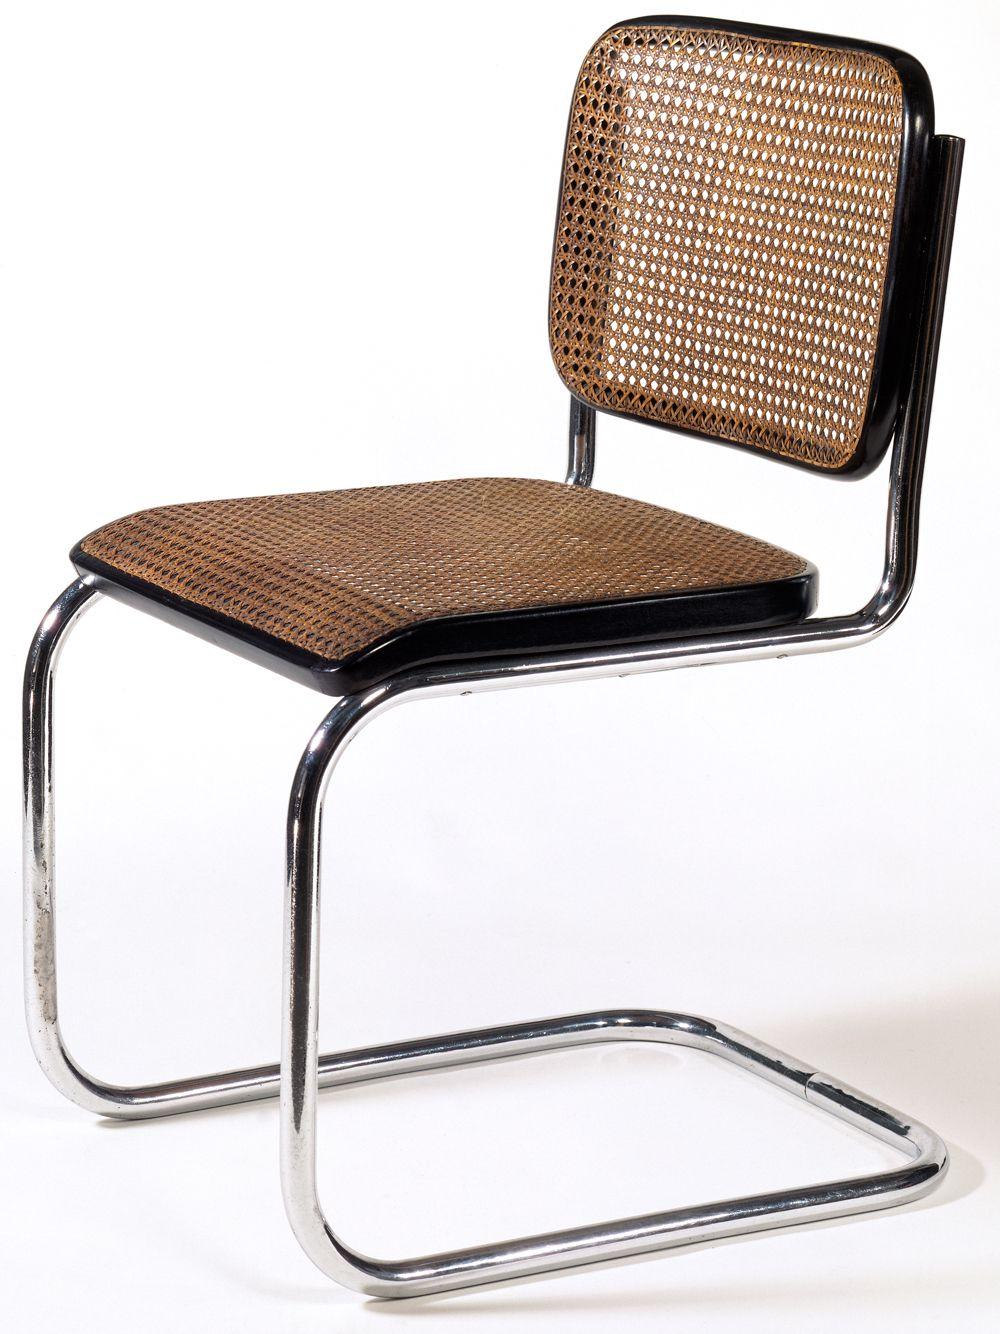 AlwaysChapter 24 Cesca chair designed by Marcel Breuer 1925